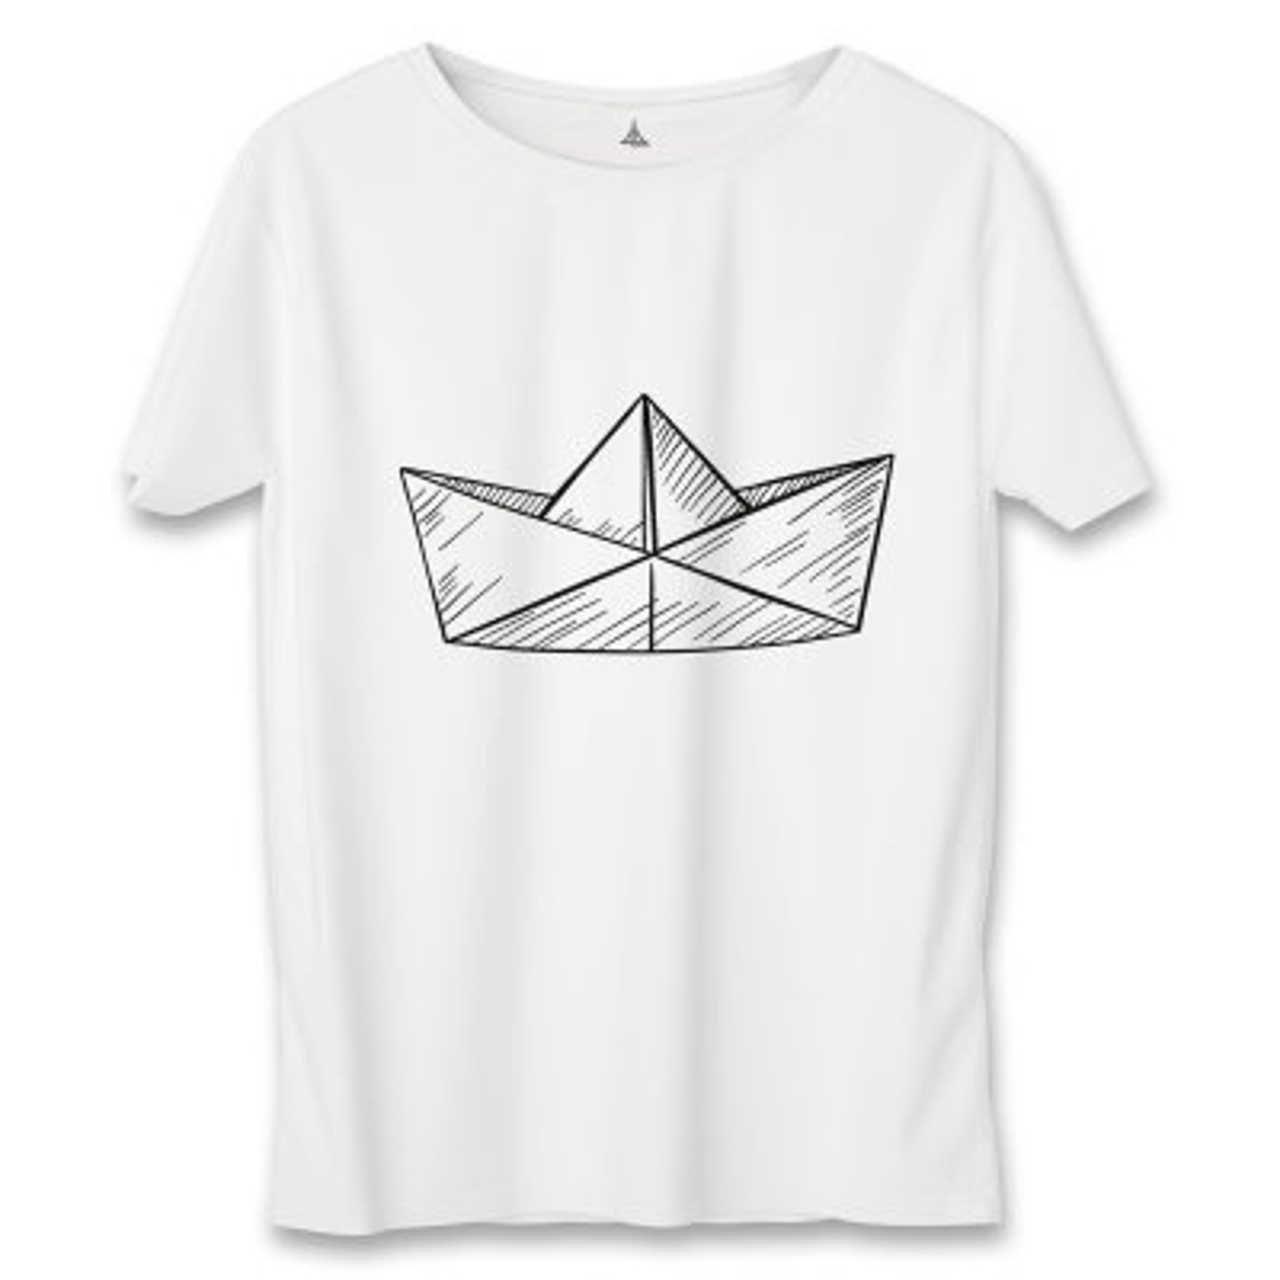 تصویر تی شرت زنانه به رسم طرح قایق کاغذی کد 5549